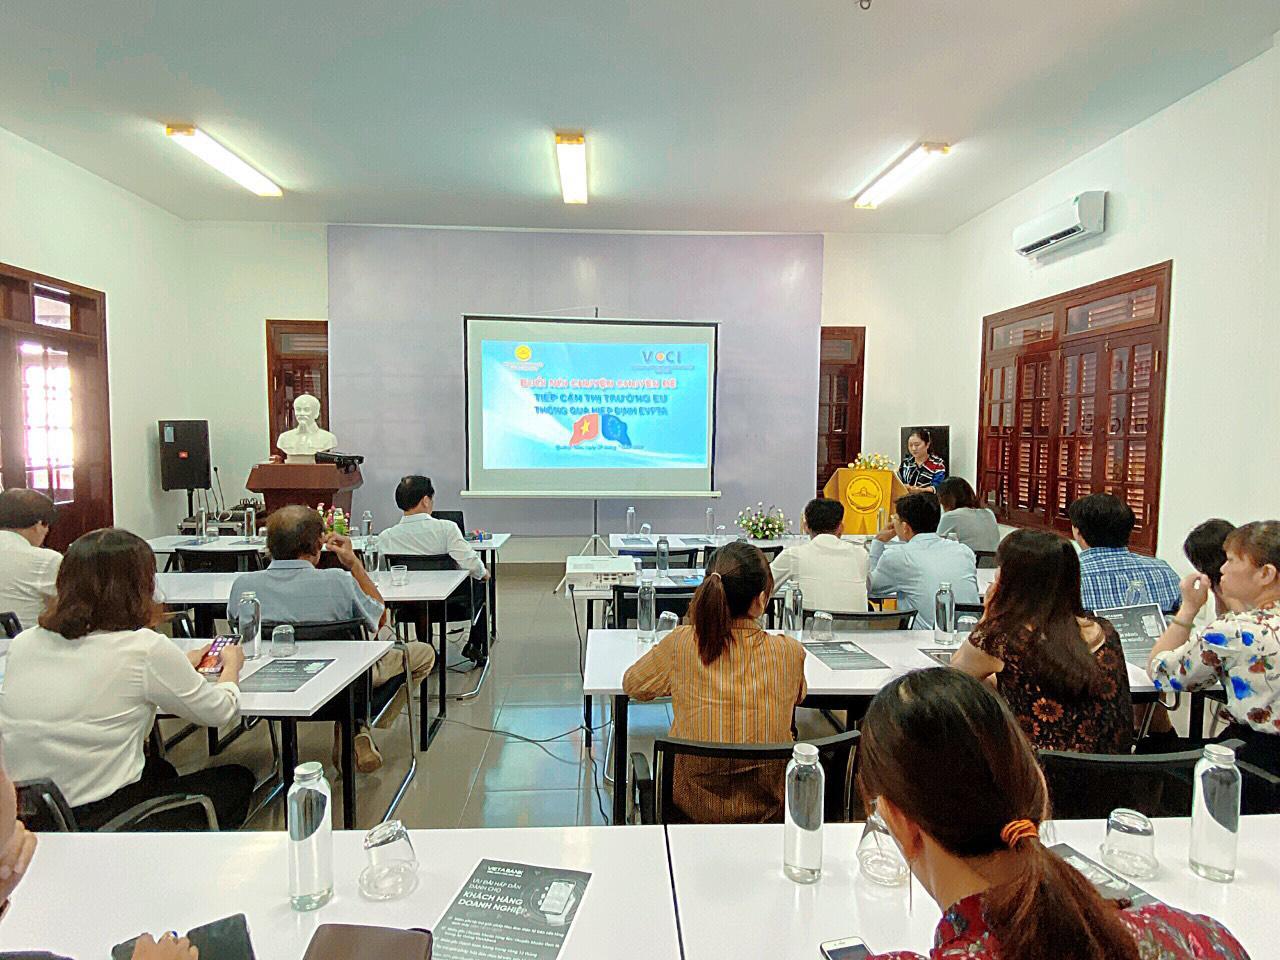 """Hiệp hội Doanh nghiệp tỉnh Quảng Nam tổ chức buổi nói chuyện chuyên đề : """"Tiếp cận thị trường EU thông qua Hiệp định EVFTA"""""""